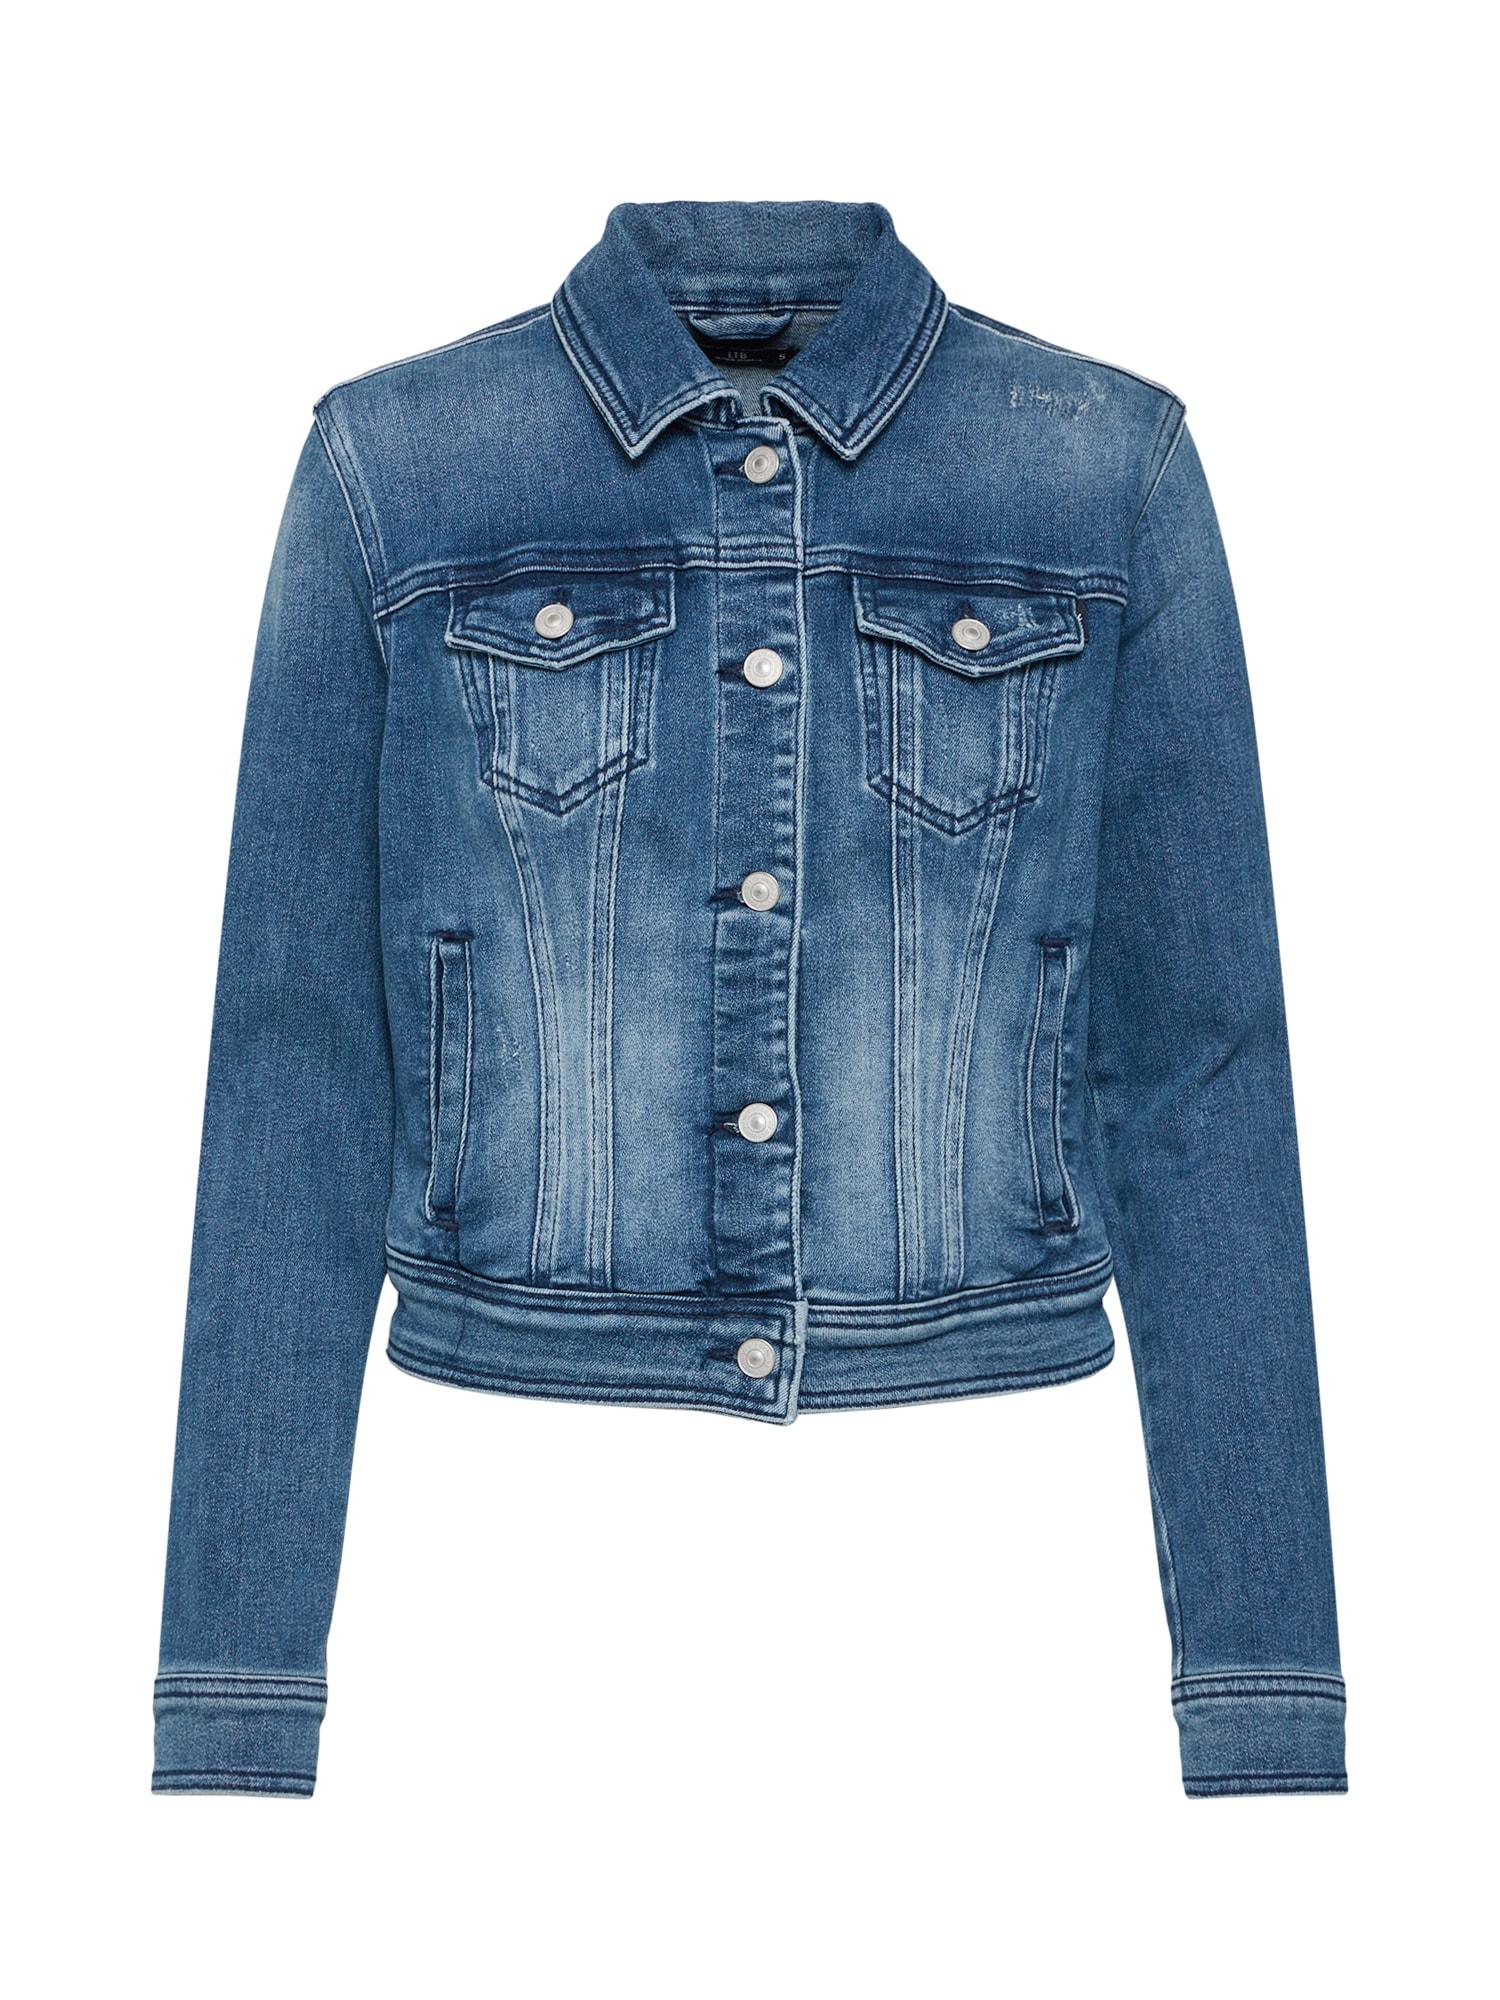 Přechodná bunda Destin modrá džínovina LTB